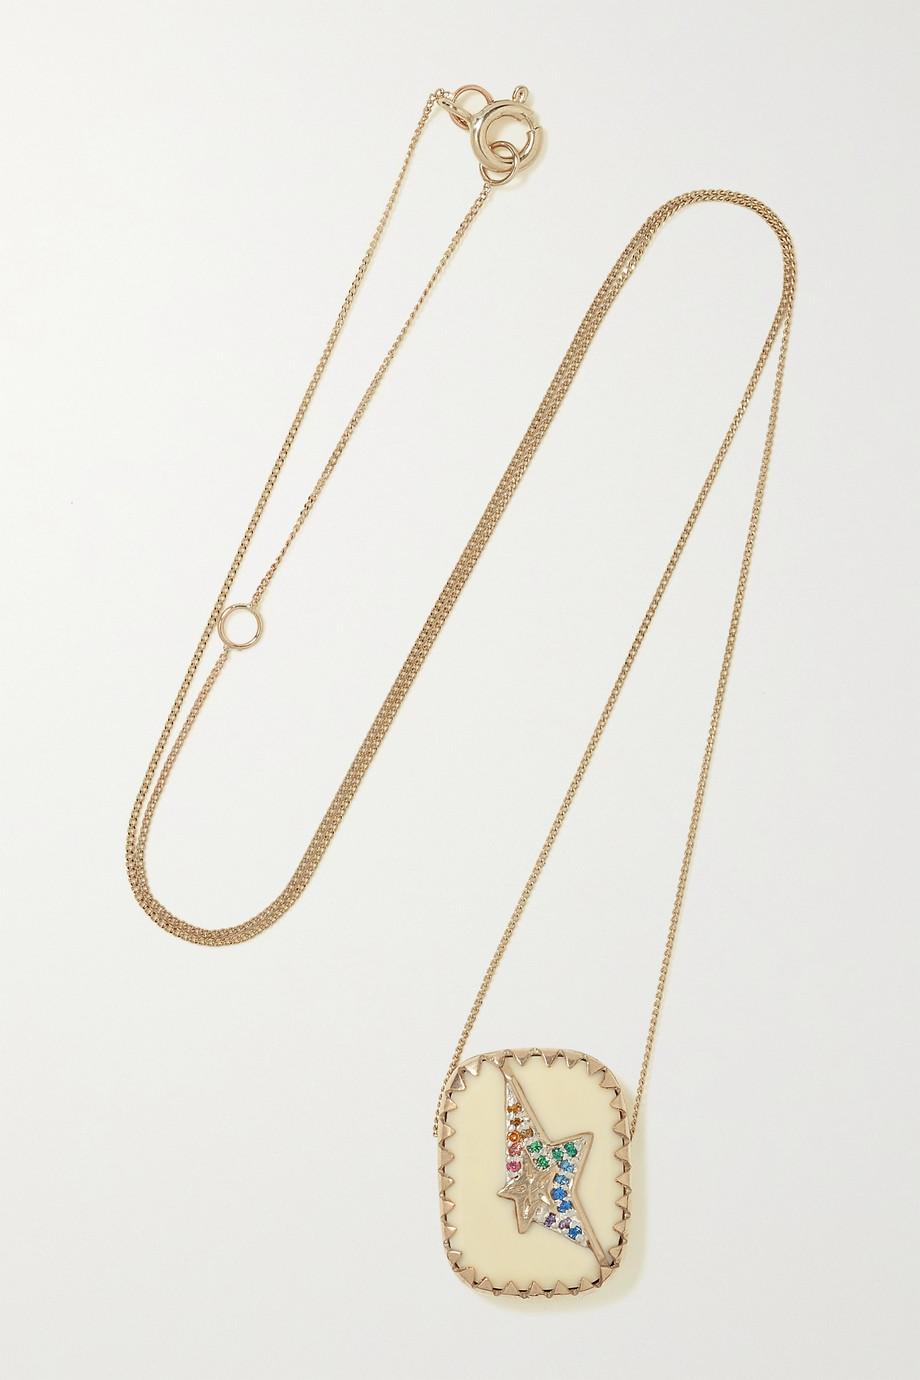 Pascale Monvoisin Varda N°1 Kette aus 9 Gold mit Sterlingsilber, Bakelit® und Nanogems